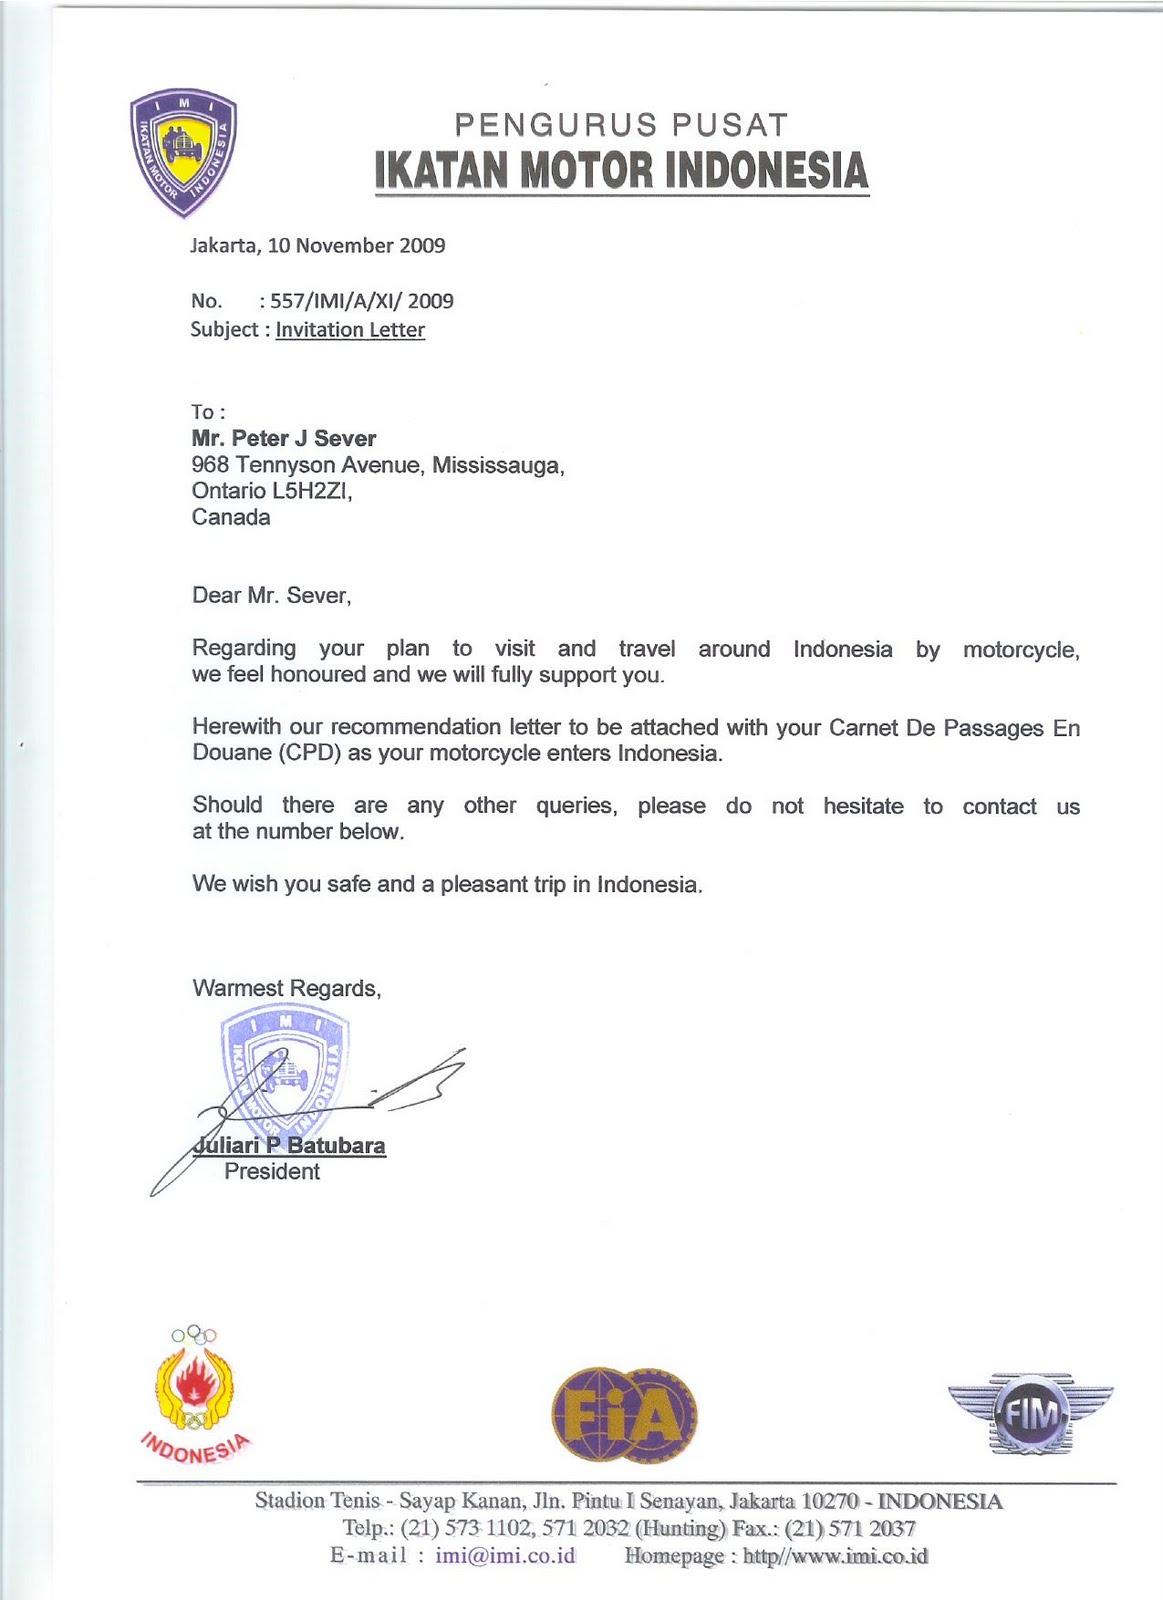 Business letter sample for visa application visa vietnam business visa withdrawal letter request letter format spiritdancerdesigns Image collections